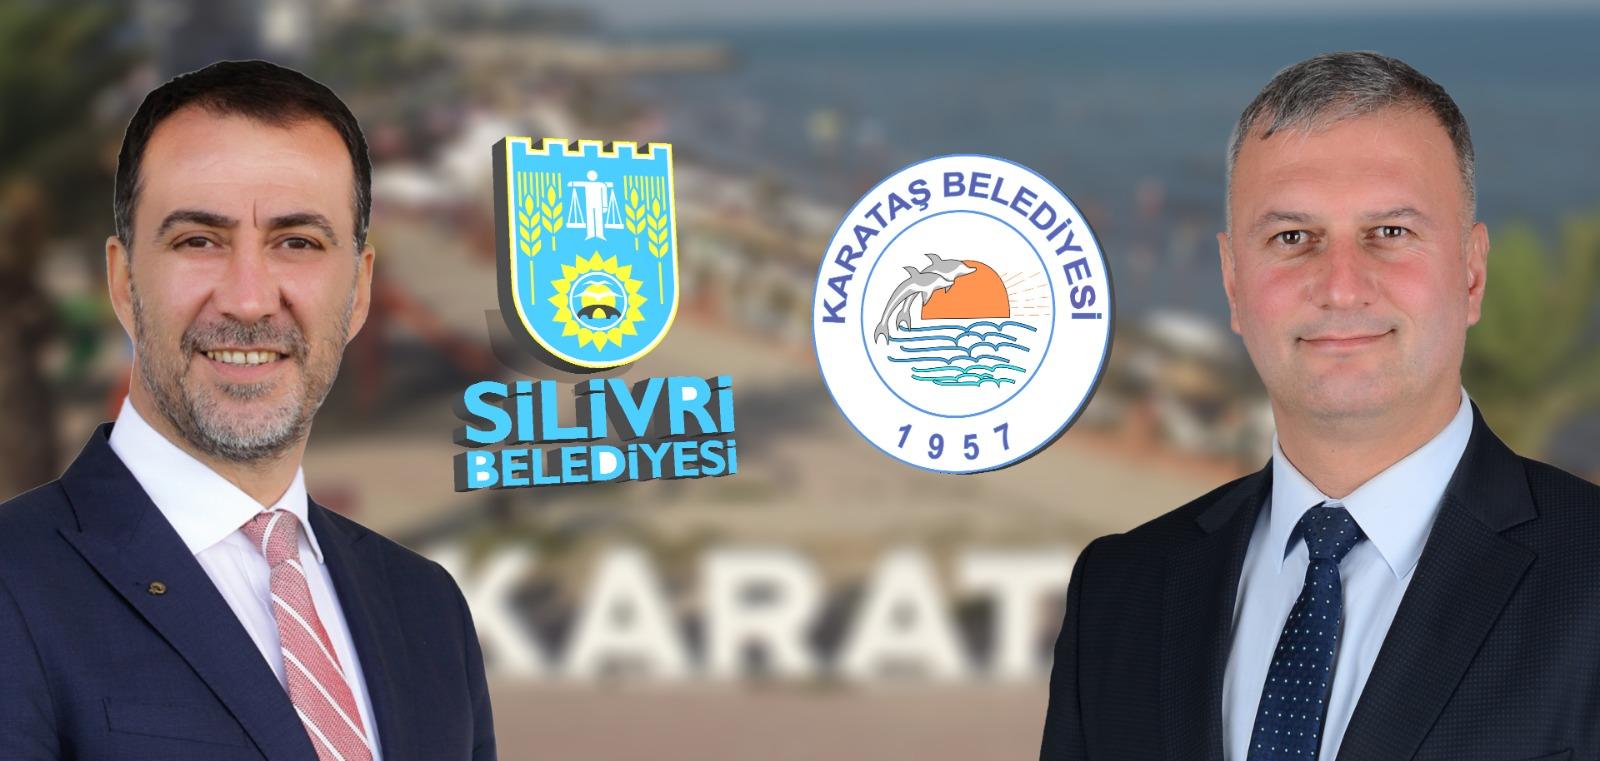 Karataş ve Silivri Belediyesi Kardeş oluyor.